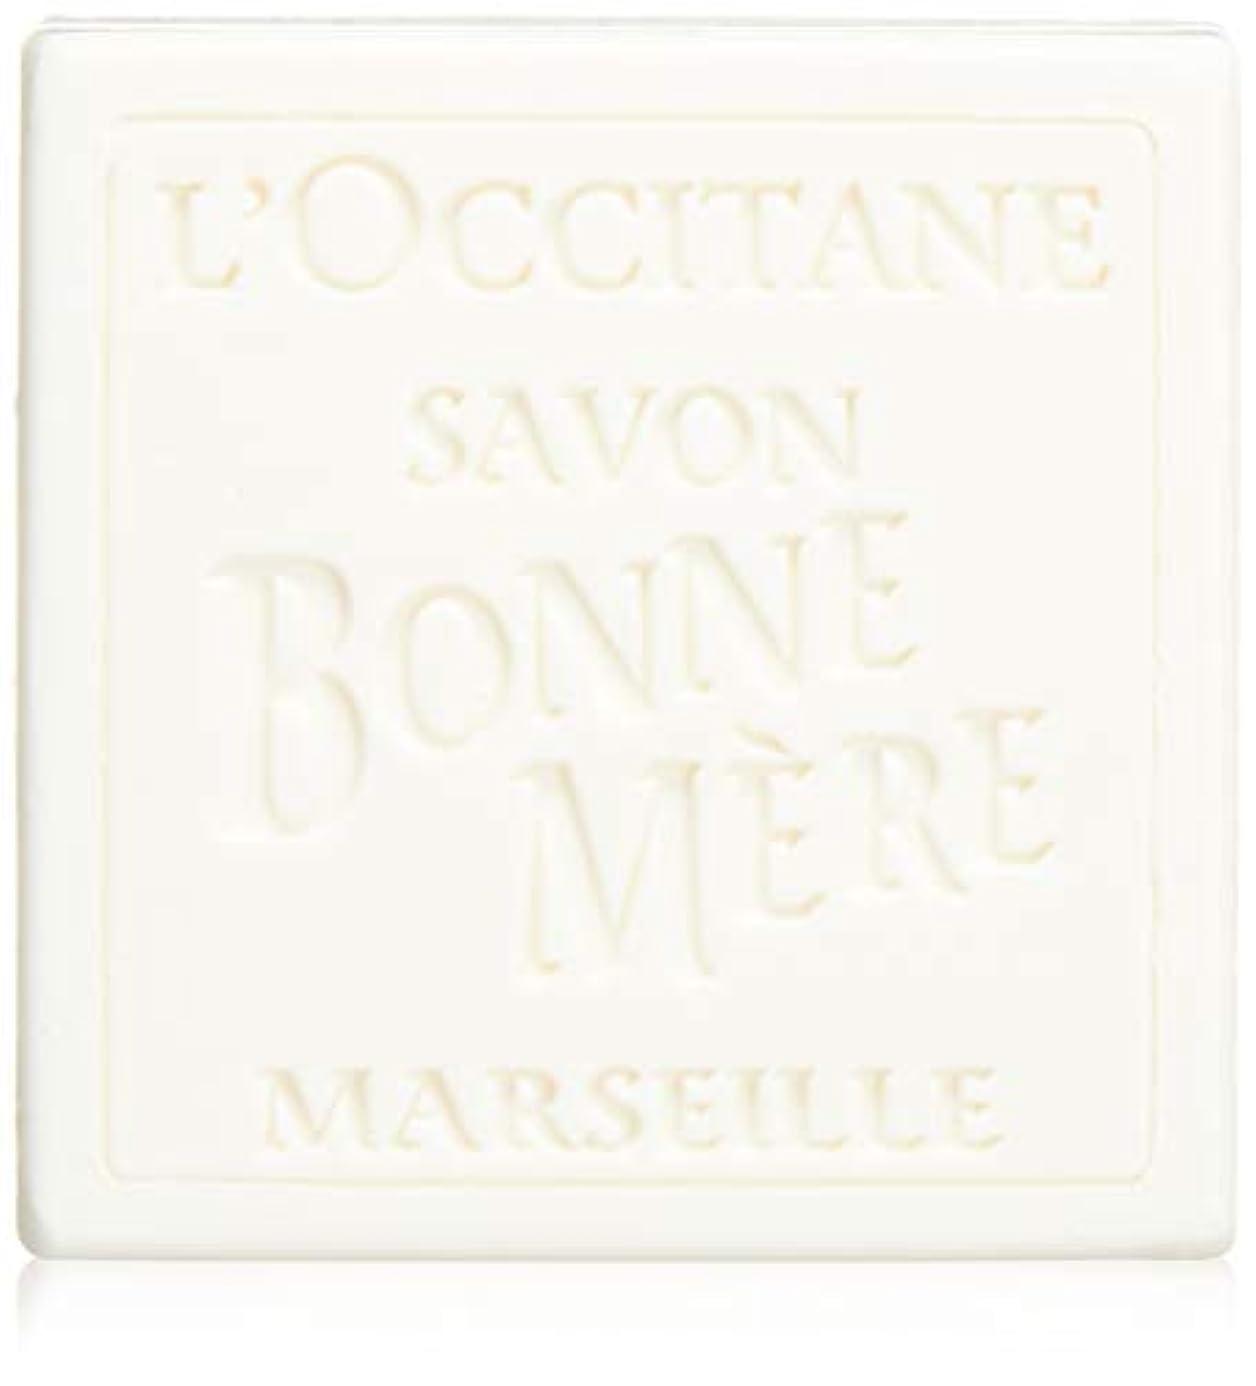 援助マウントバンクイデオロギーロクシタン(L'OCCITANE) ボンメールソープ ミルク 100g